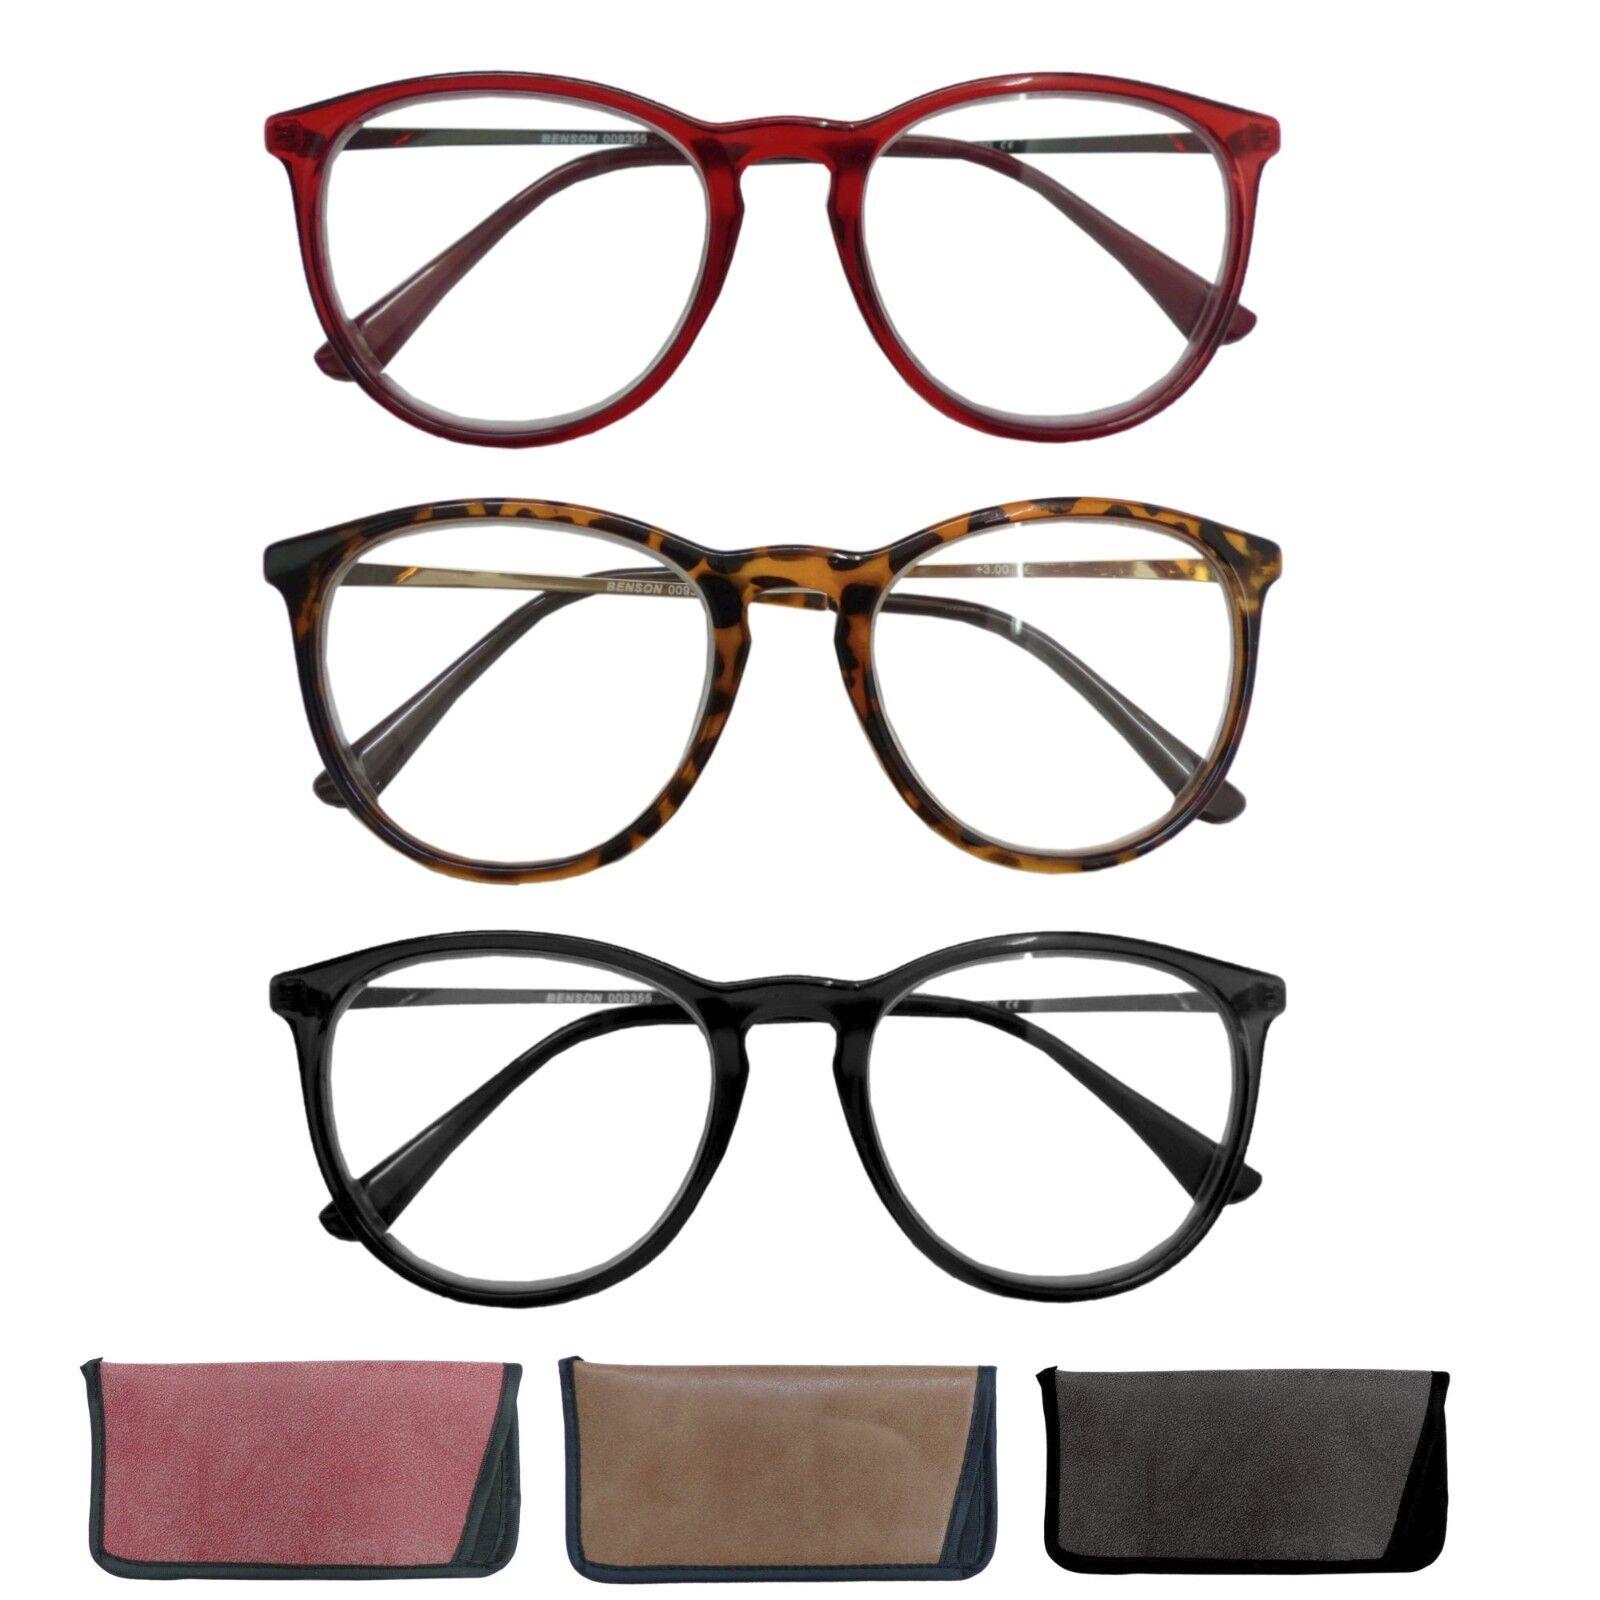 Große Lesebrille Nerdbrille Lesehilfe Inkl. Etui Sehhilfe BWD Schwarz Braun Rot